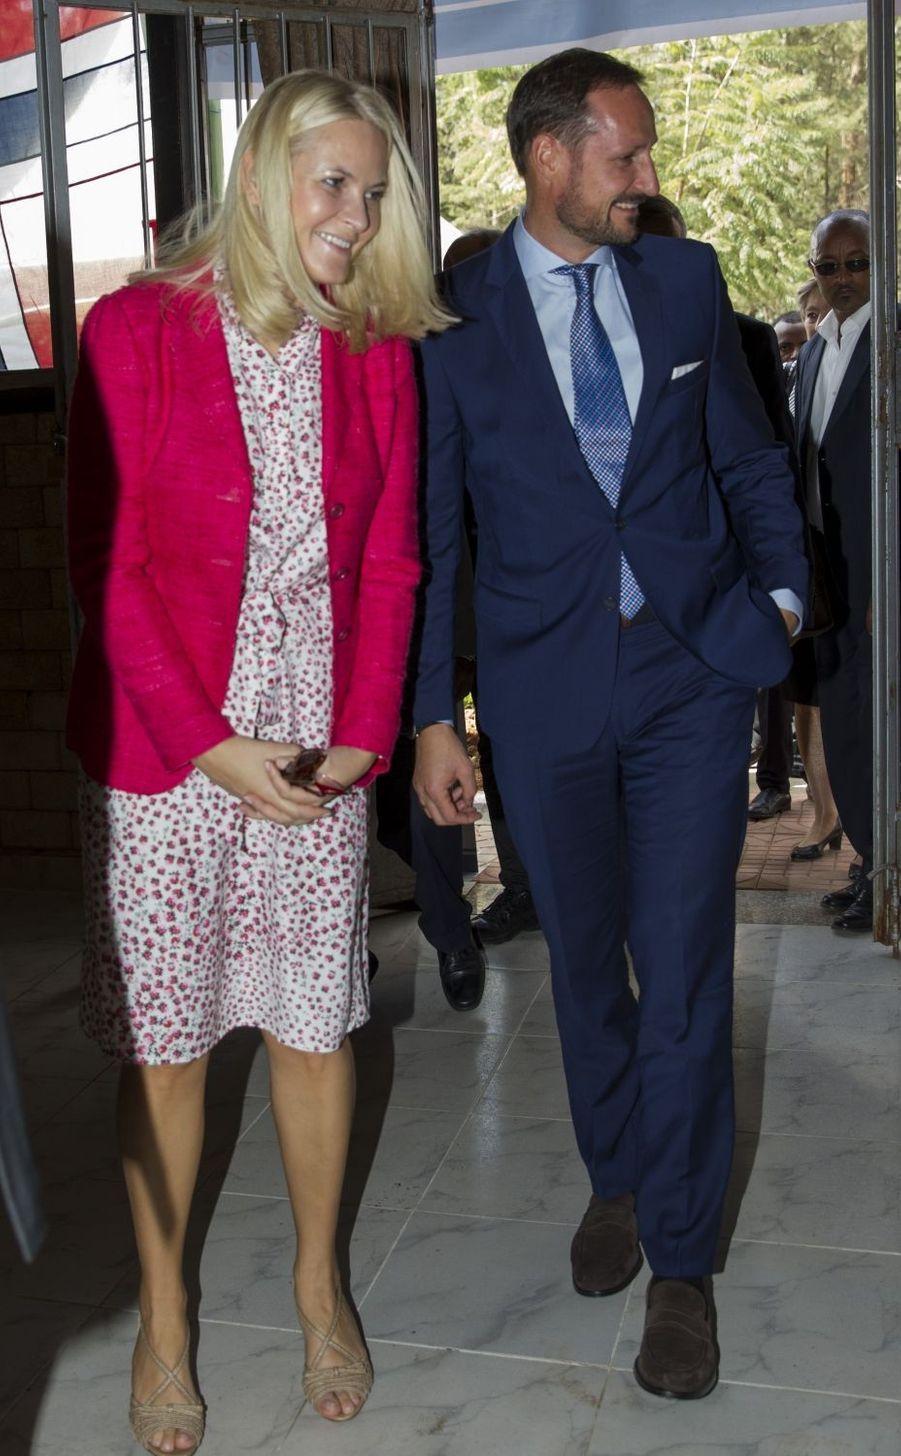 La princesse Mette-Marit et le prince Haakon de Norvège à Addis-Abeba en Ethiopie, le 8 novembre 2017